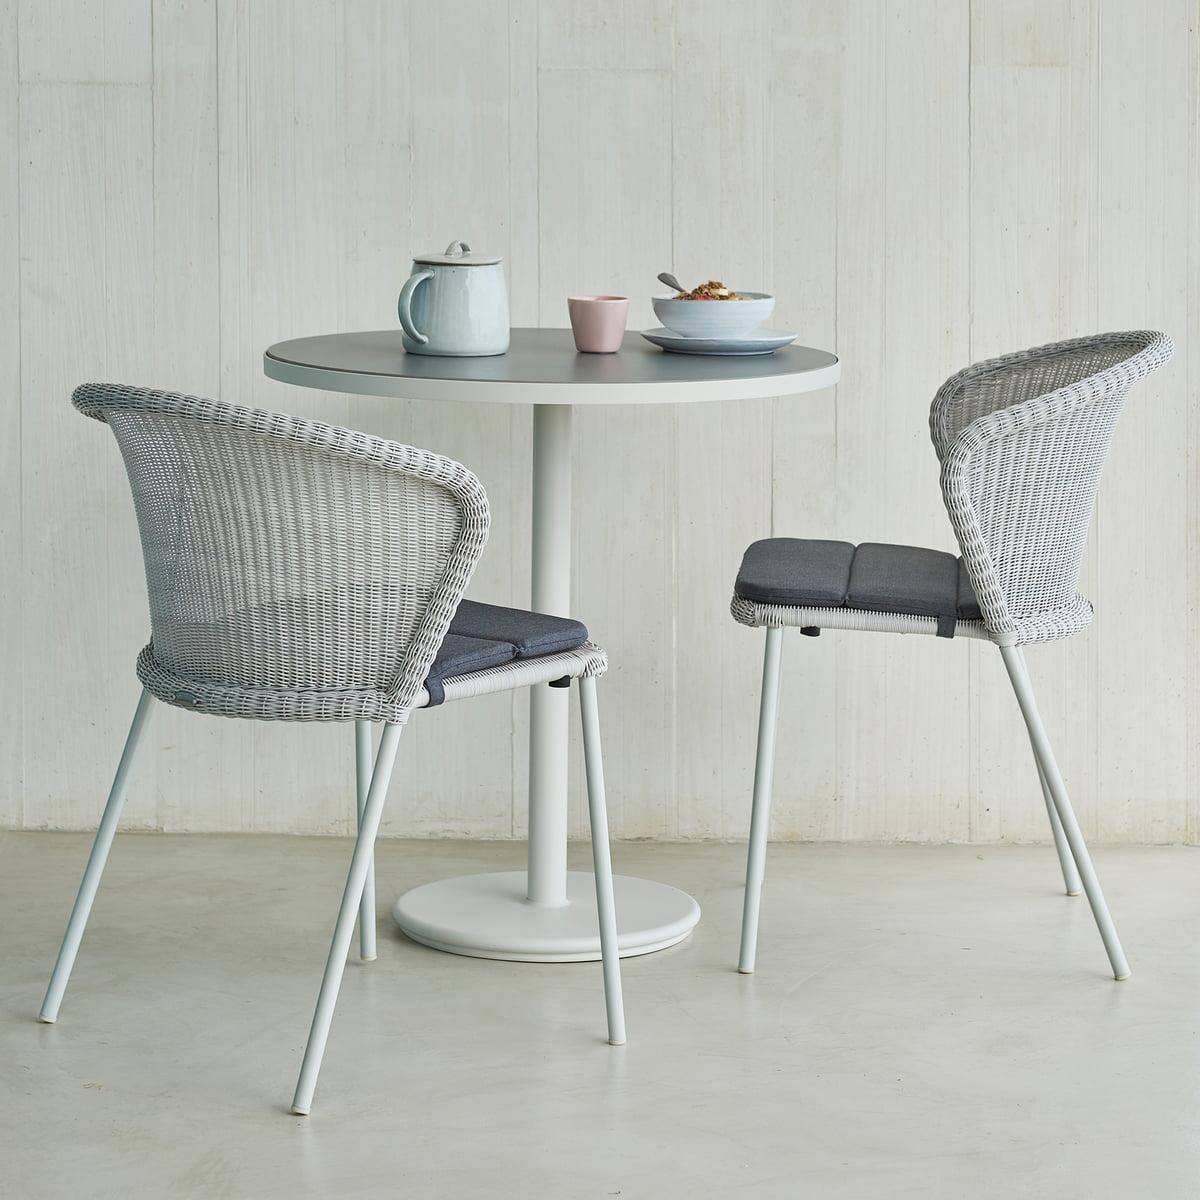 Cane line Lean Stuhl (5410), weiß grau